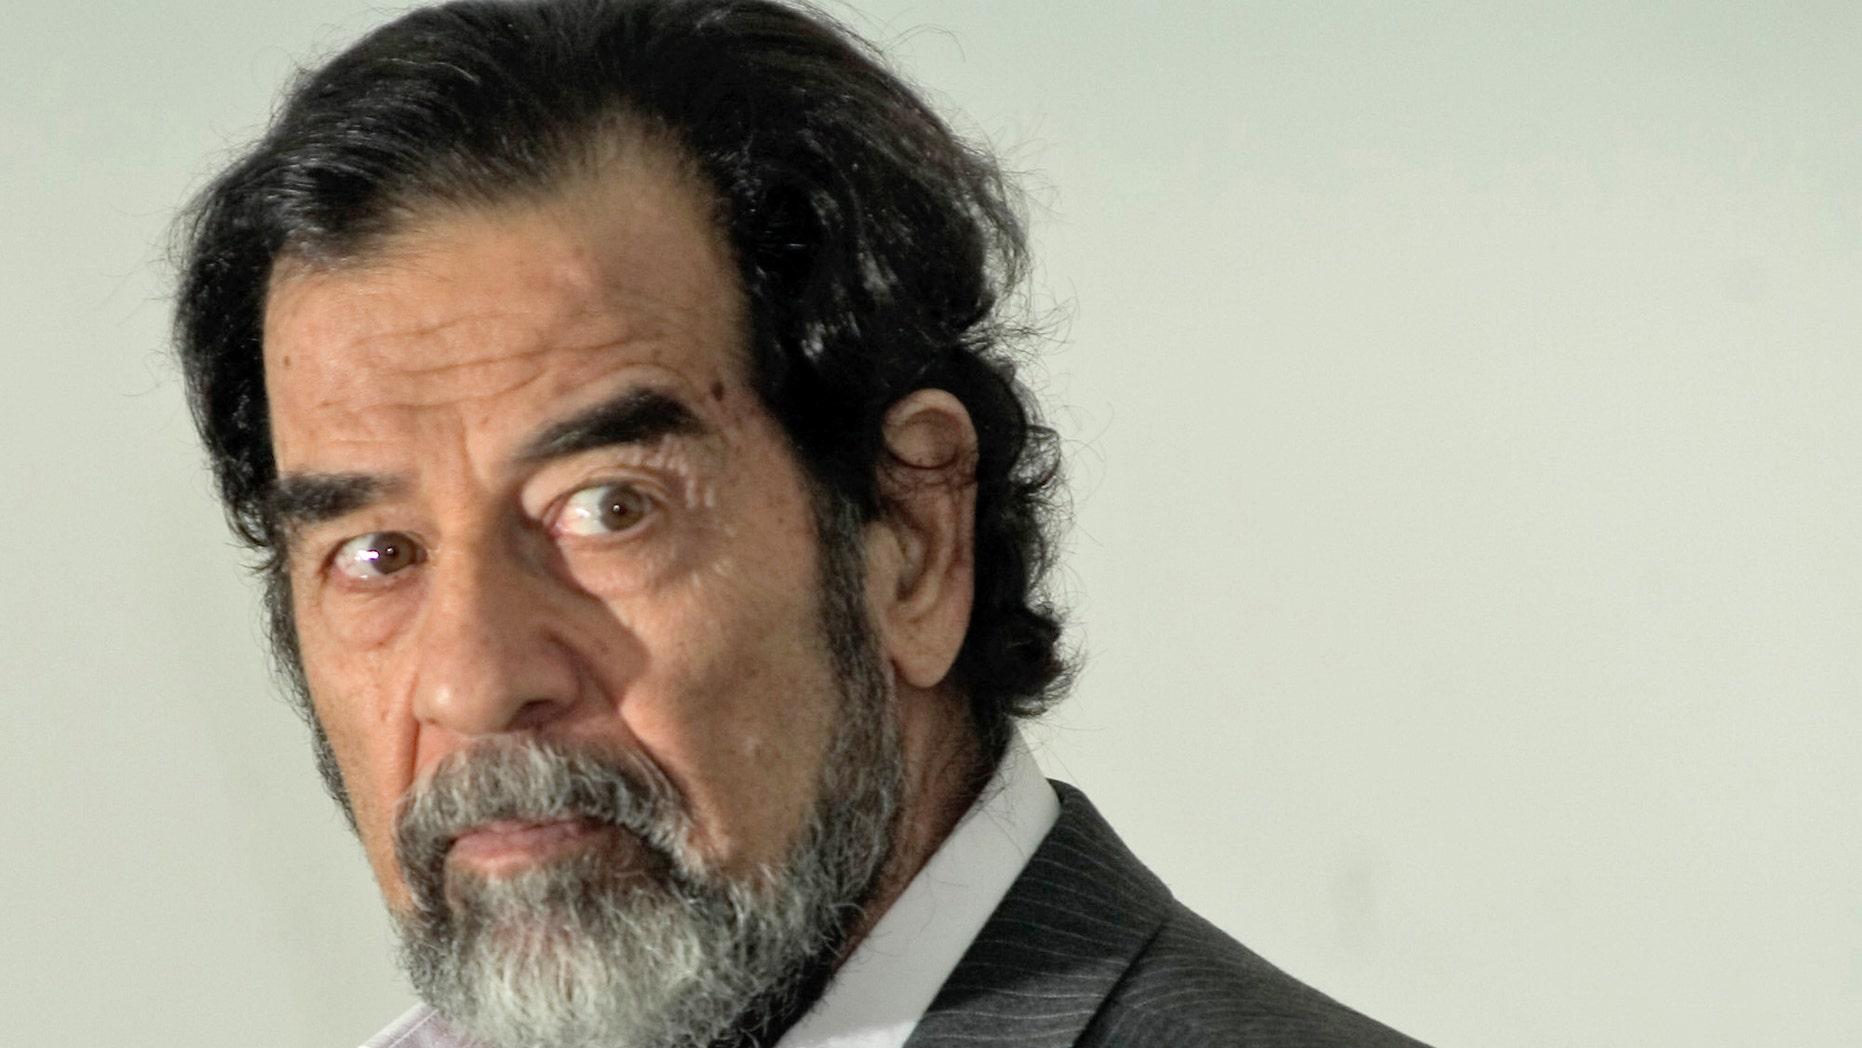 Saddam Hussein in 2005. (AP Photo/Iraqi Special Tribunial, Pool)